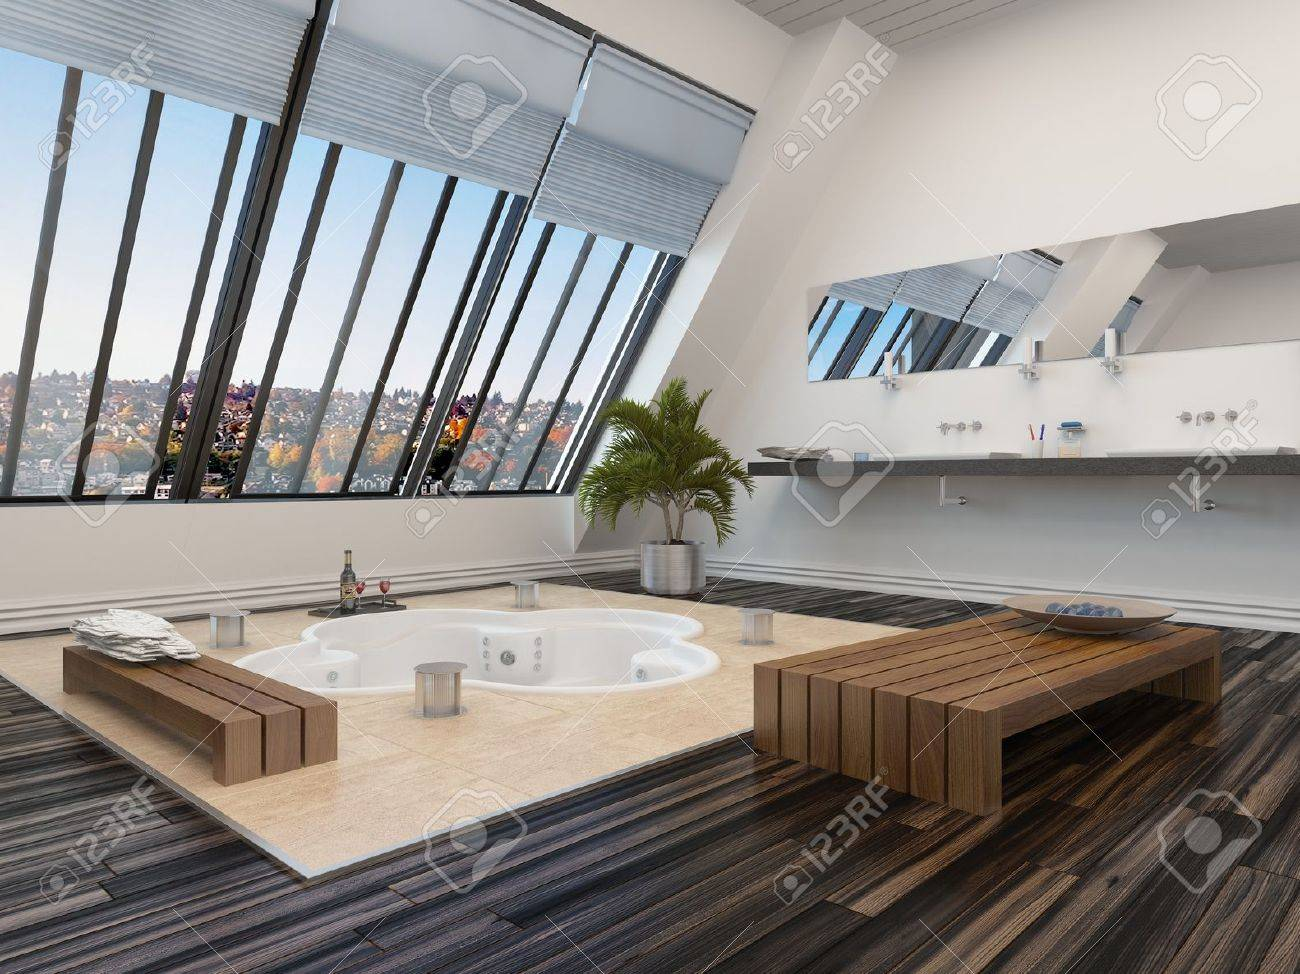 Aquarine Salle De Bain ~ int rieur de salle de bains moderne avec une baignoire encastr e spa